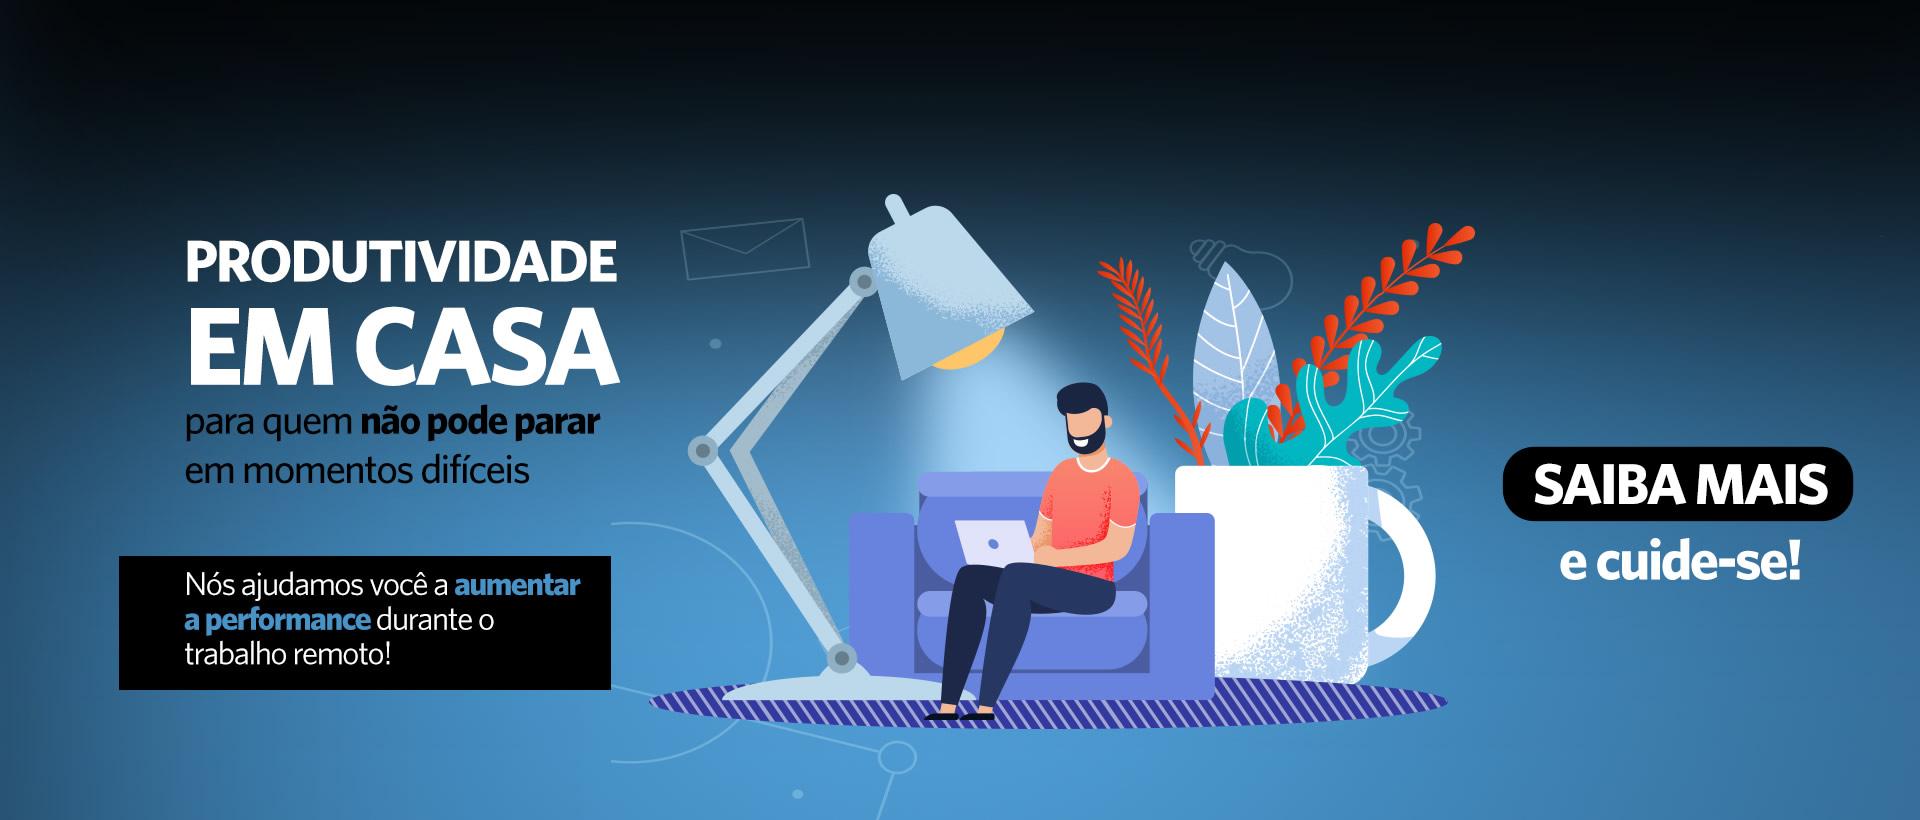 Produtividade em casa Desktop - escuro